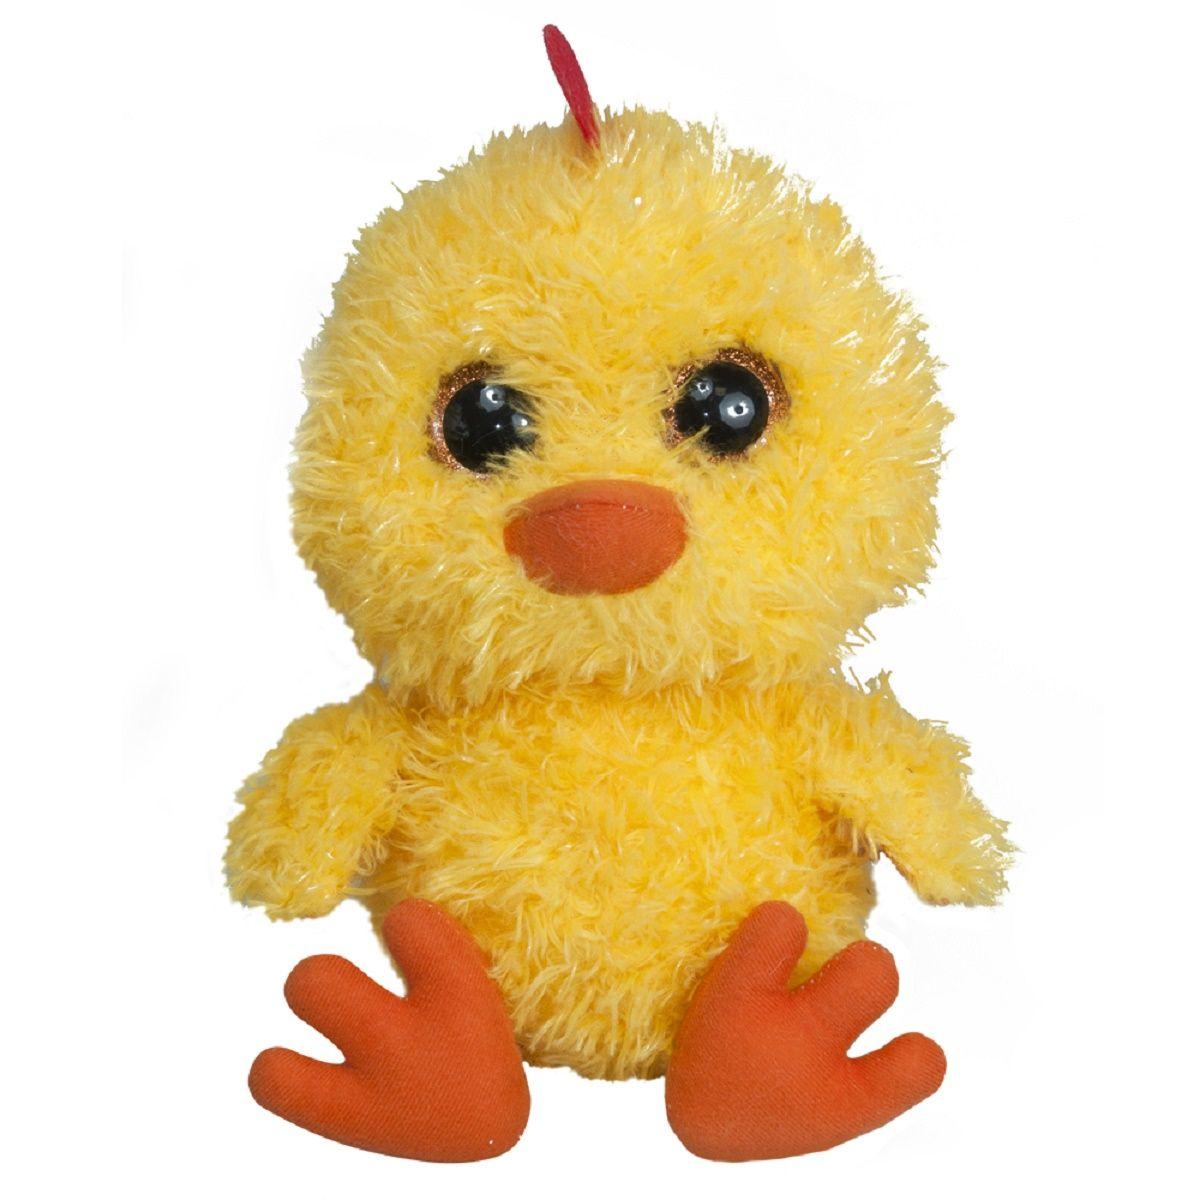 Fancy Мягкая игрушка Цыпленок-глазастикCNP0Детская подарочная игрушка. Яркий милый образ.